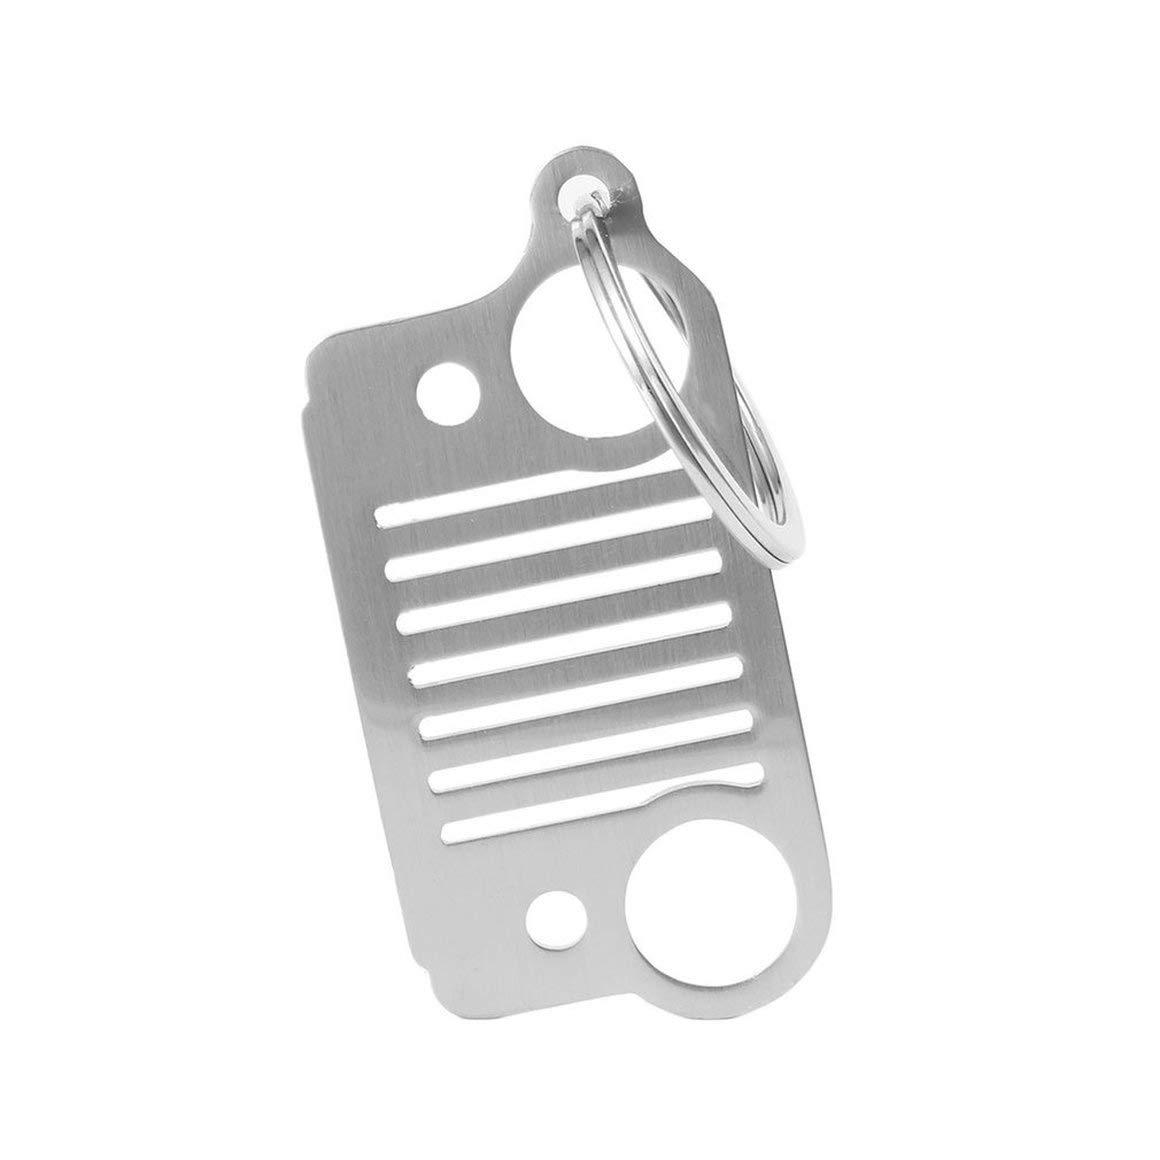 Funnyrunstore Portable en Acier Inoxydable Unique Design Jeep Grill Porte-cl/és Keychain Porte-cl/és CJ JK TJ YJ XJ Argent Couleur: Argent